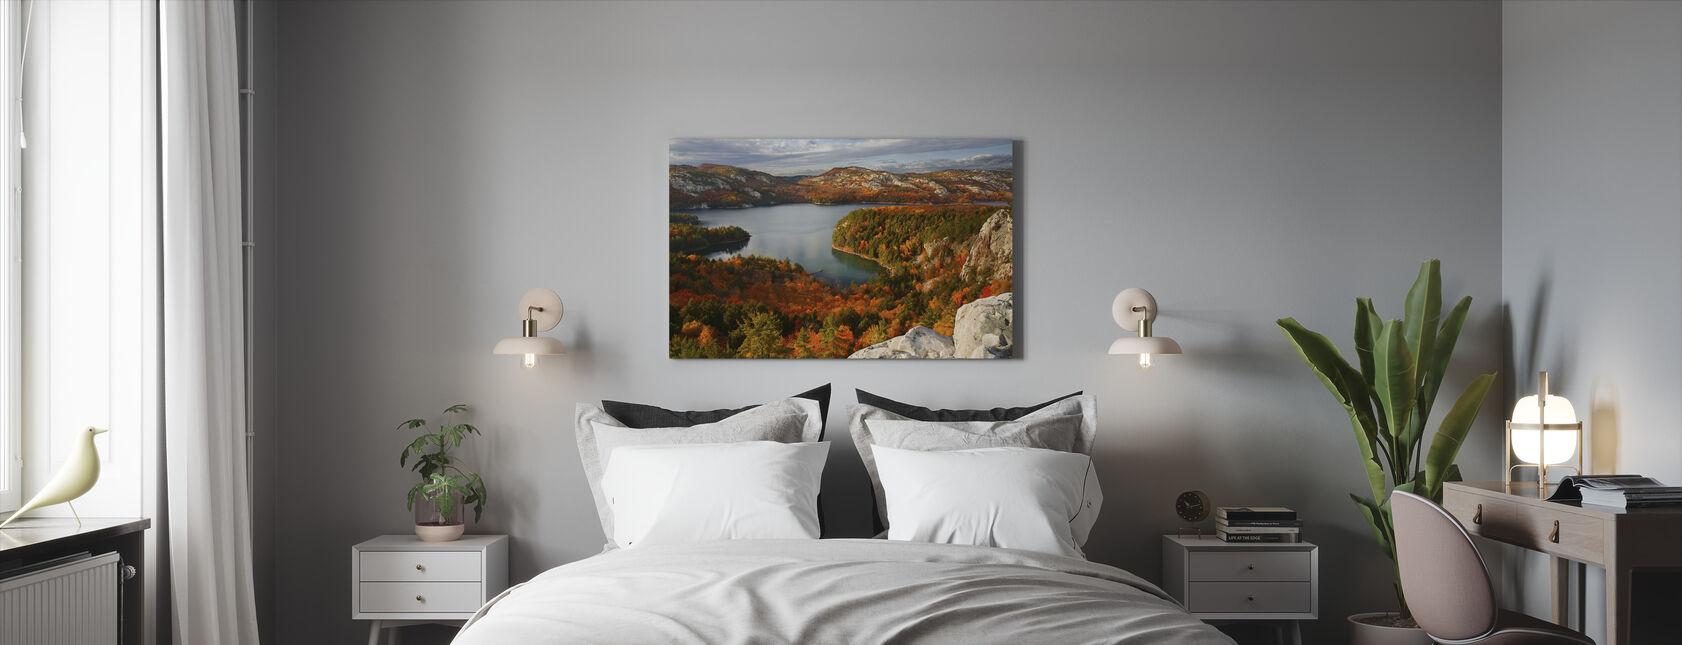 Fall at Killarney Lake - Canvas print - Bedroom